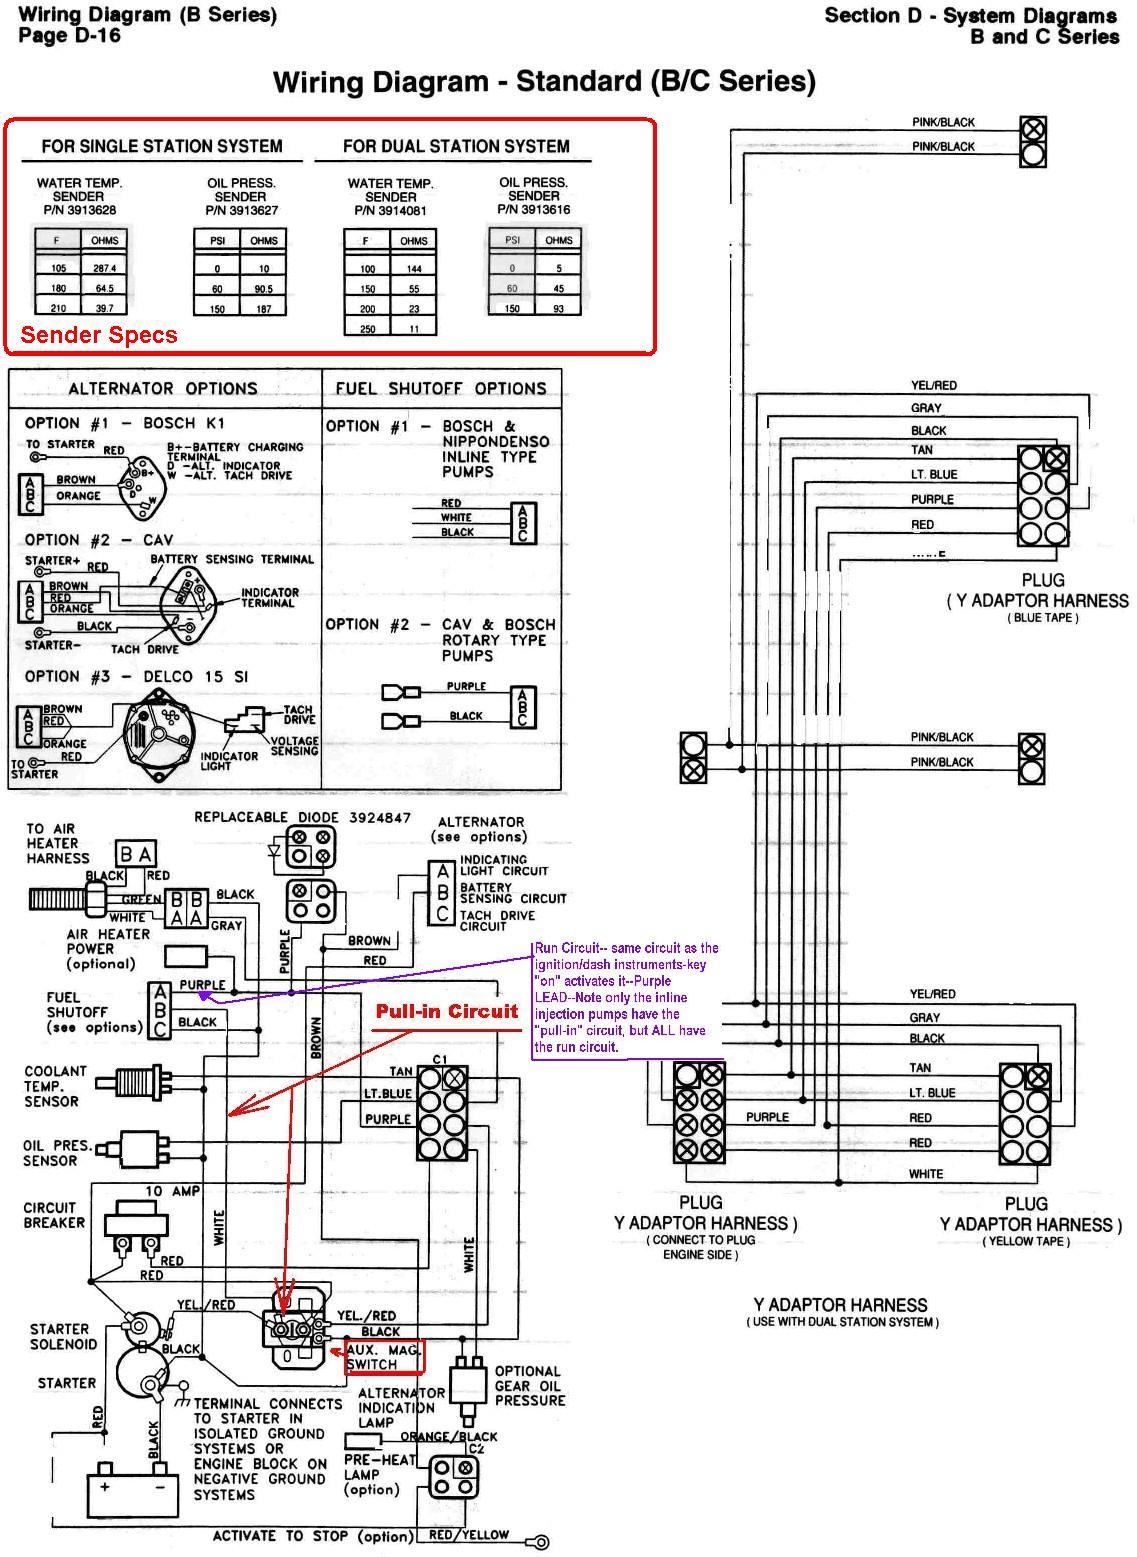 Ziemlich Mando Marine Alternator Schaltplan Bilder - Elektrische ...